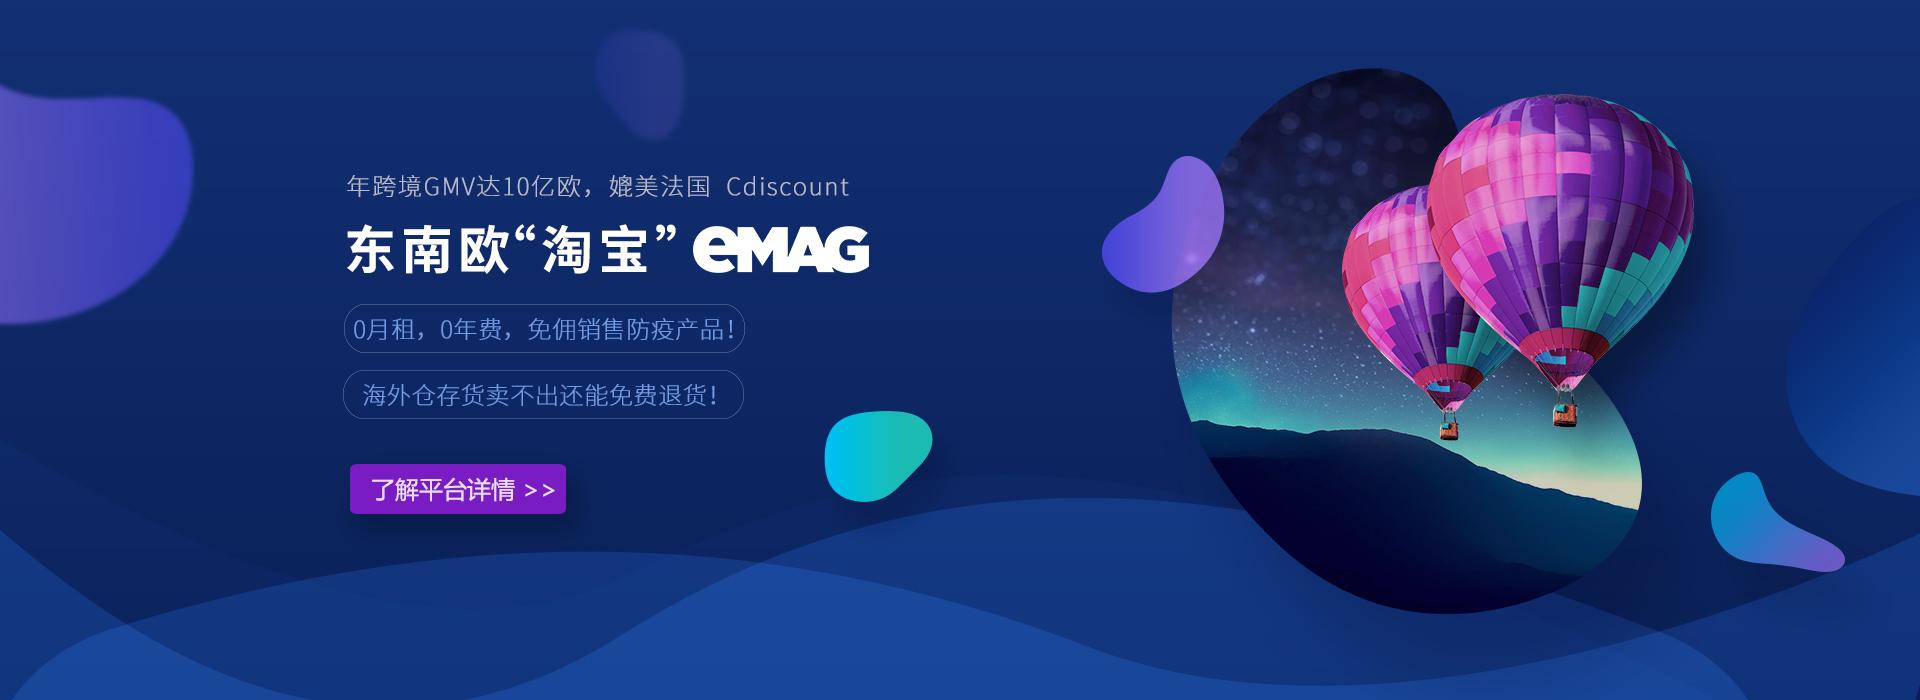 """东南欧""""淘宝""""eMAG"""